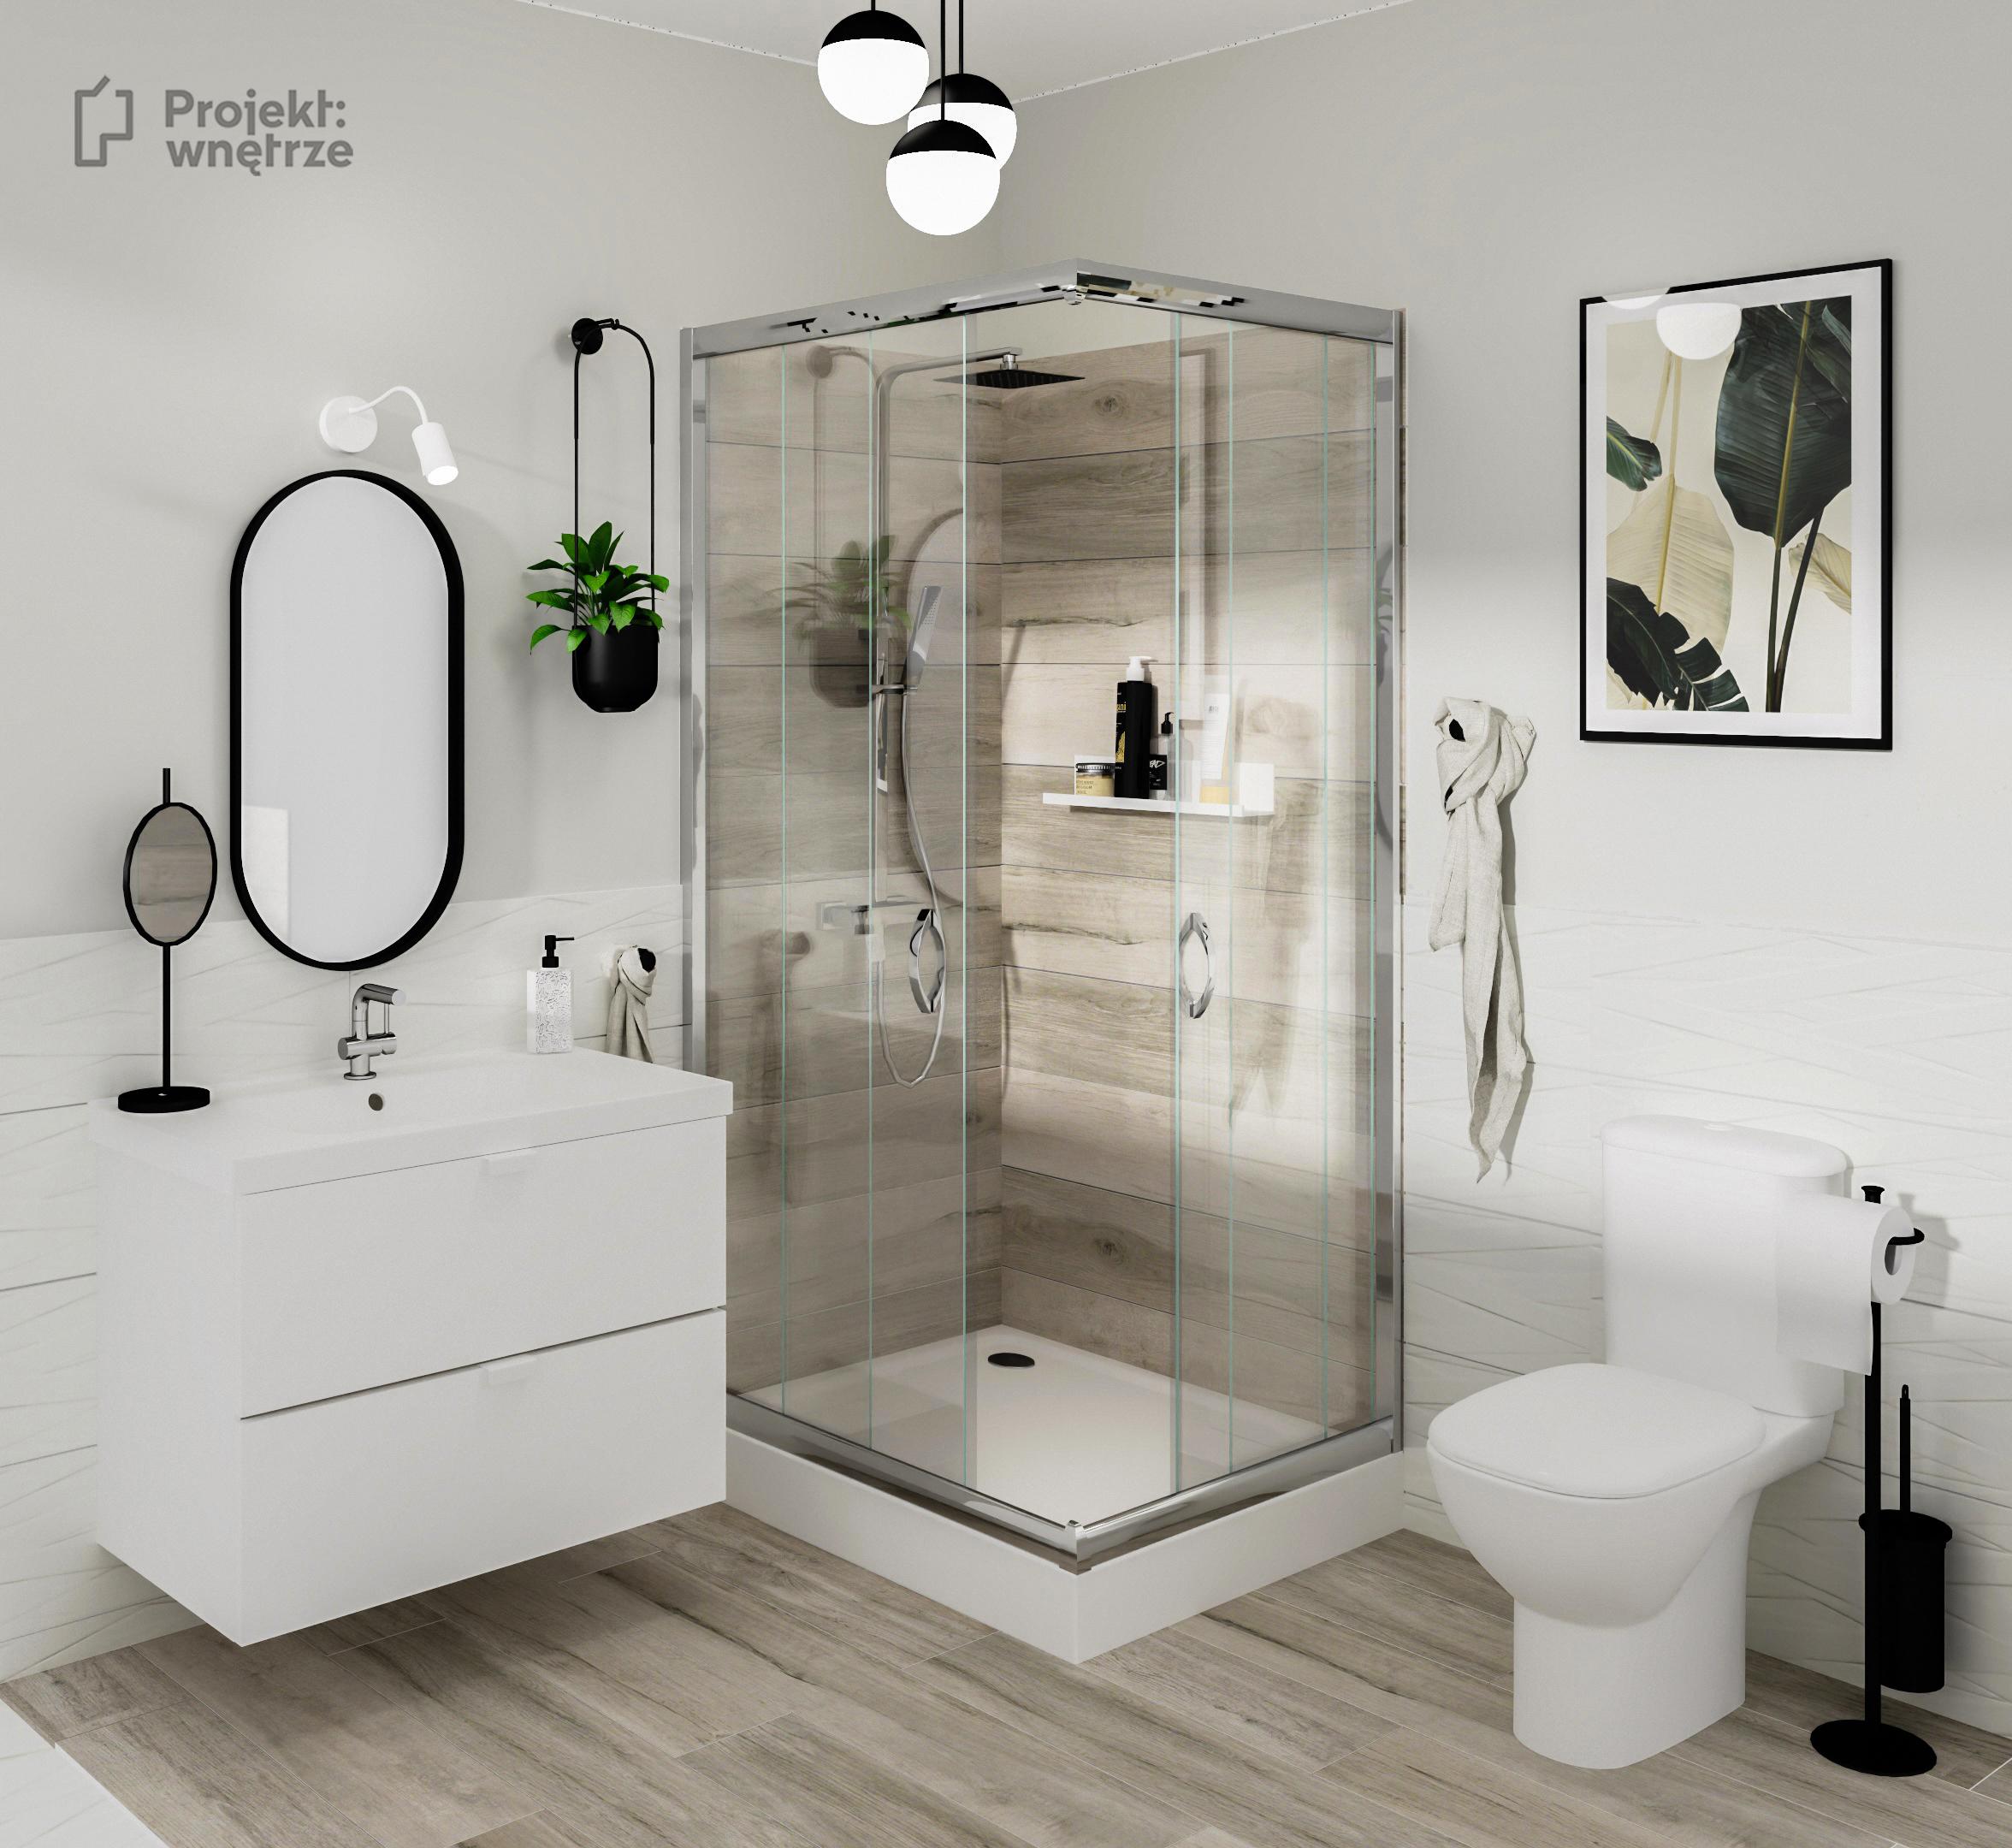 Projekt wnętrze - projekt łazienki drewno i biel z czarnymi akcentami i szafką łazienkową IKEA Godmorgon biała